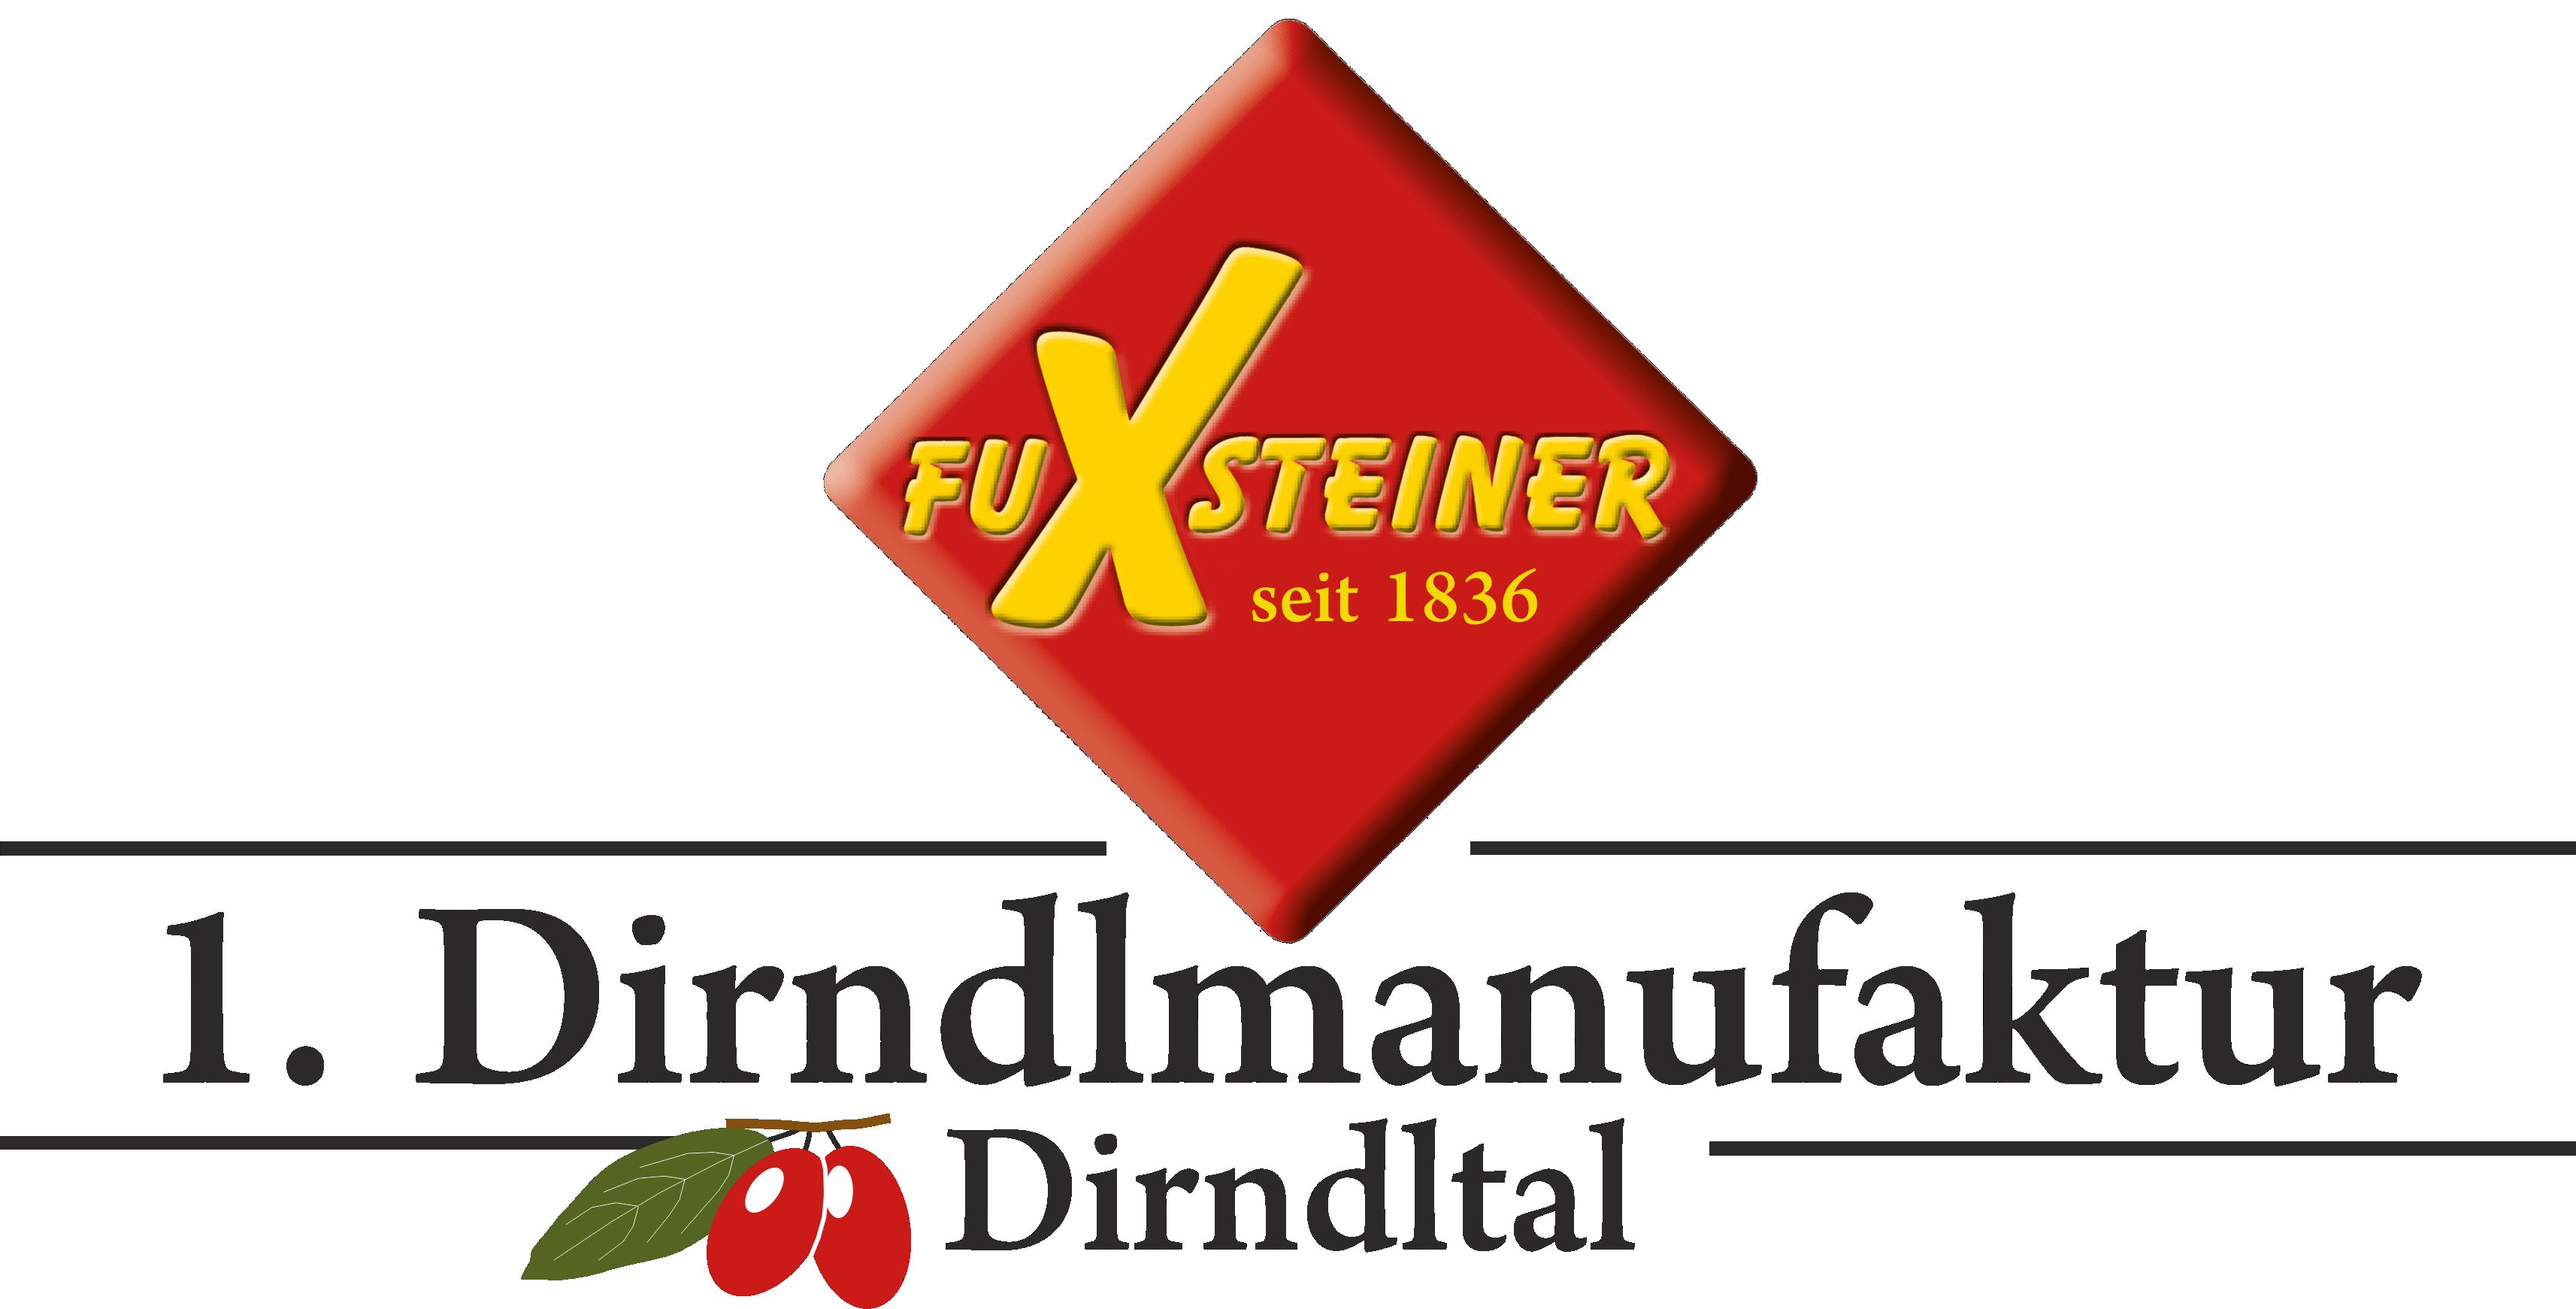 Familie FuXsteiner - 1. Dirndlmanufaktur Dirndltal